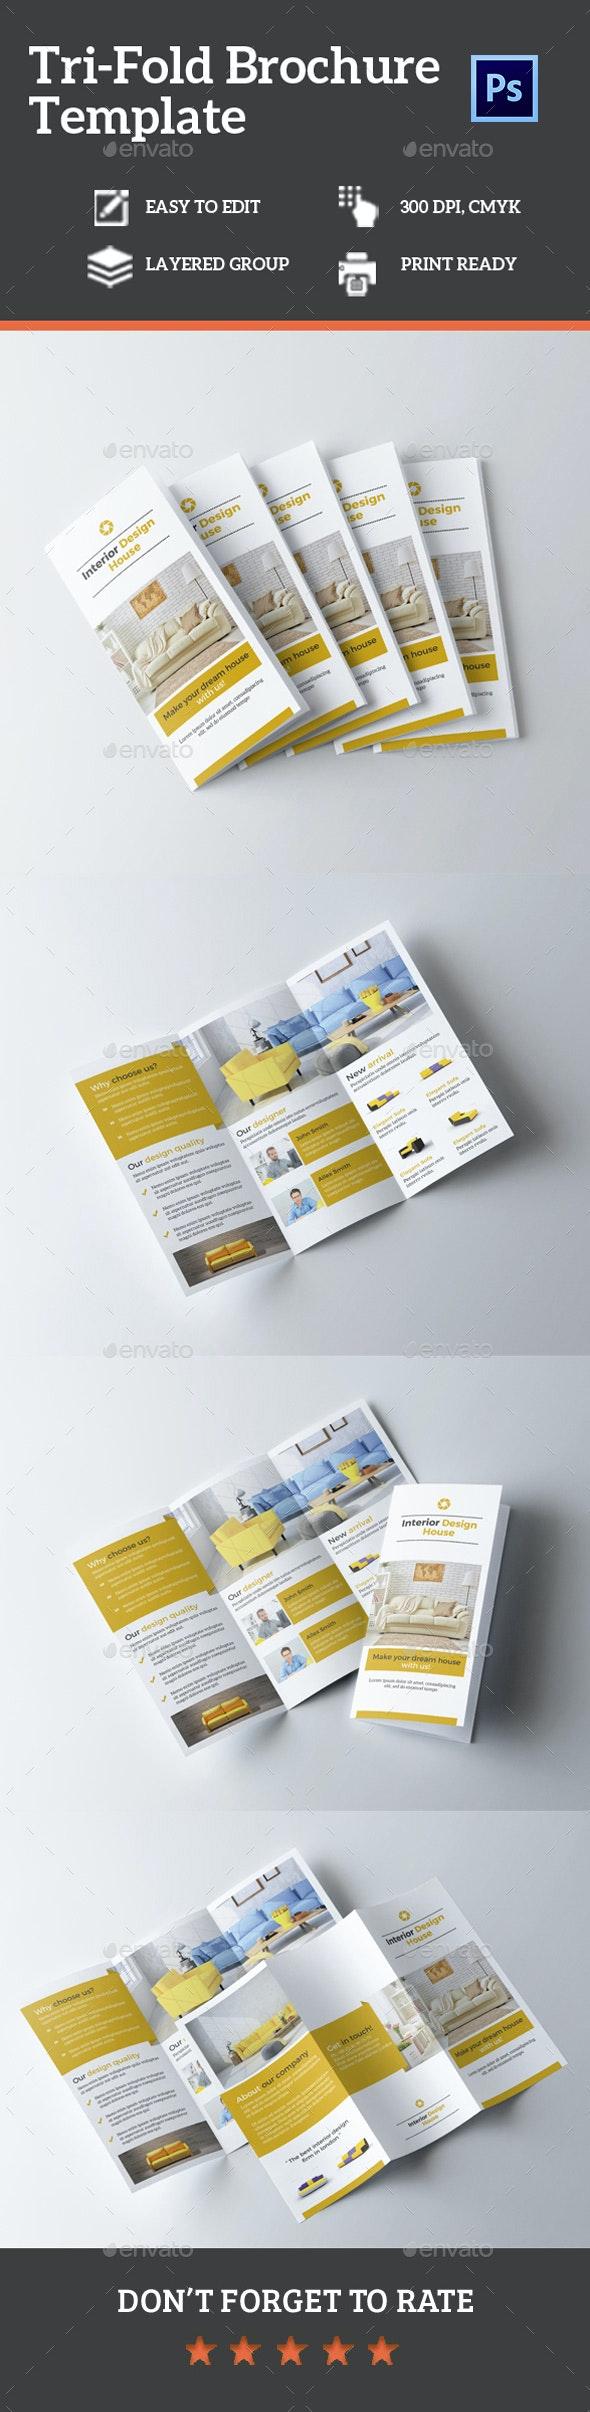 Interior Tri-Fold Brochure Vol. 1 - Brochures Print Templates